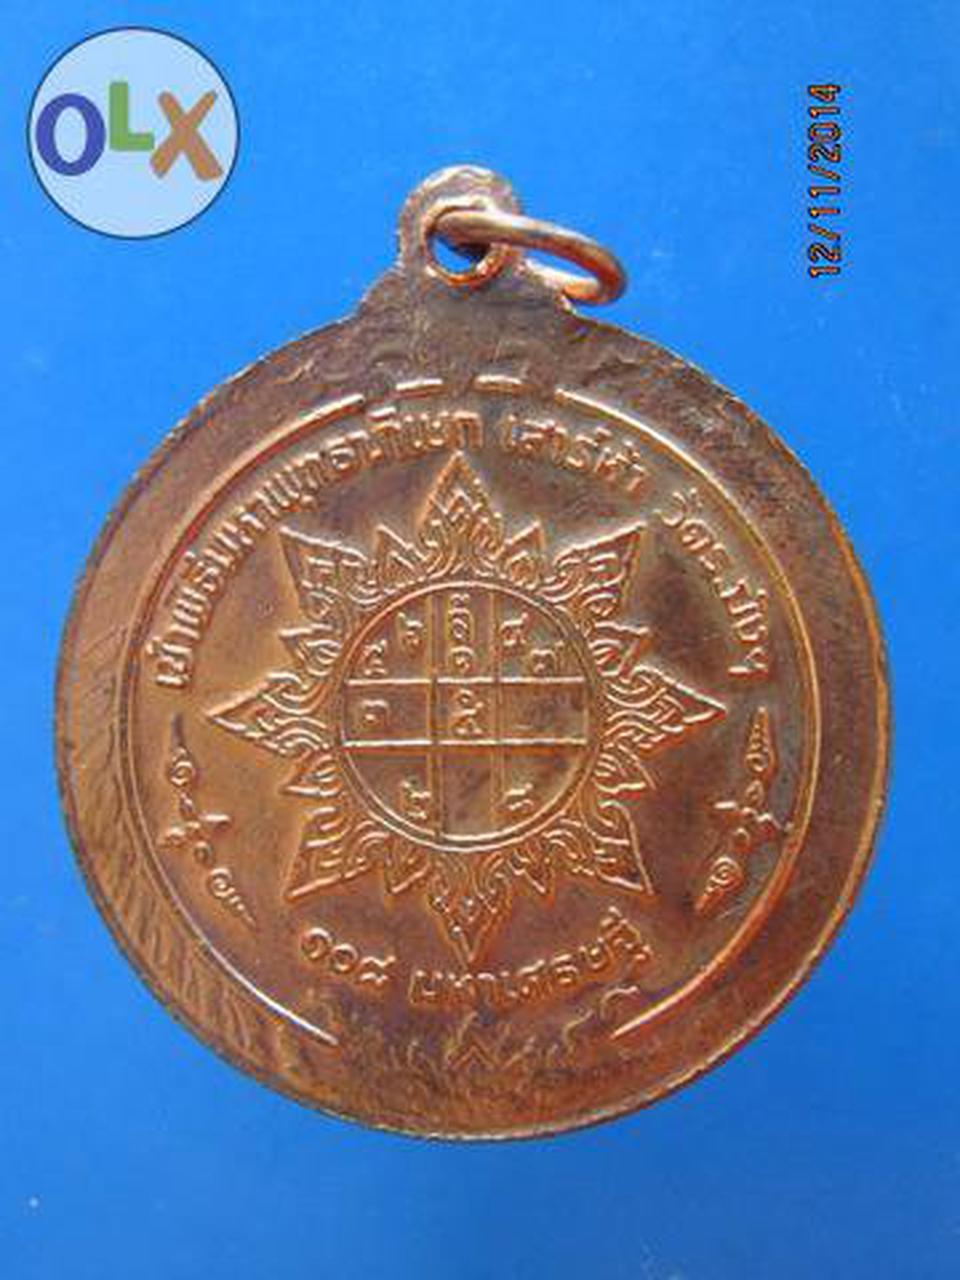 732 เหรียญสมเด็จพุฒาจารย์โตพรหมรังษี วัดระฆัง เหรียญสมเด็จพุ รูปที่ 1